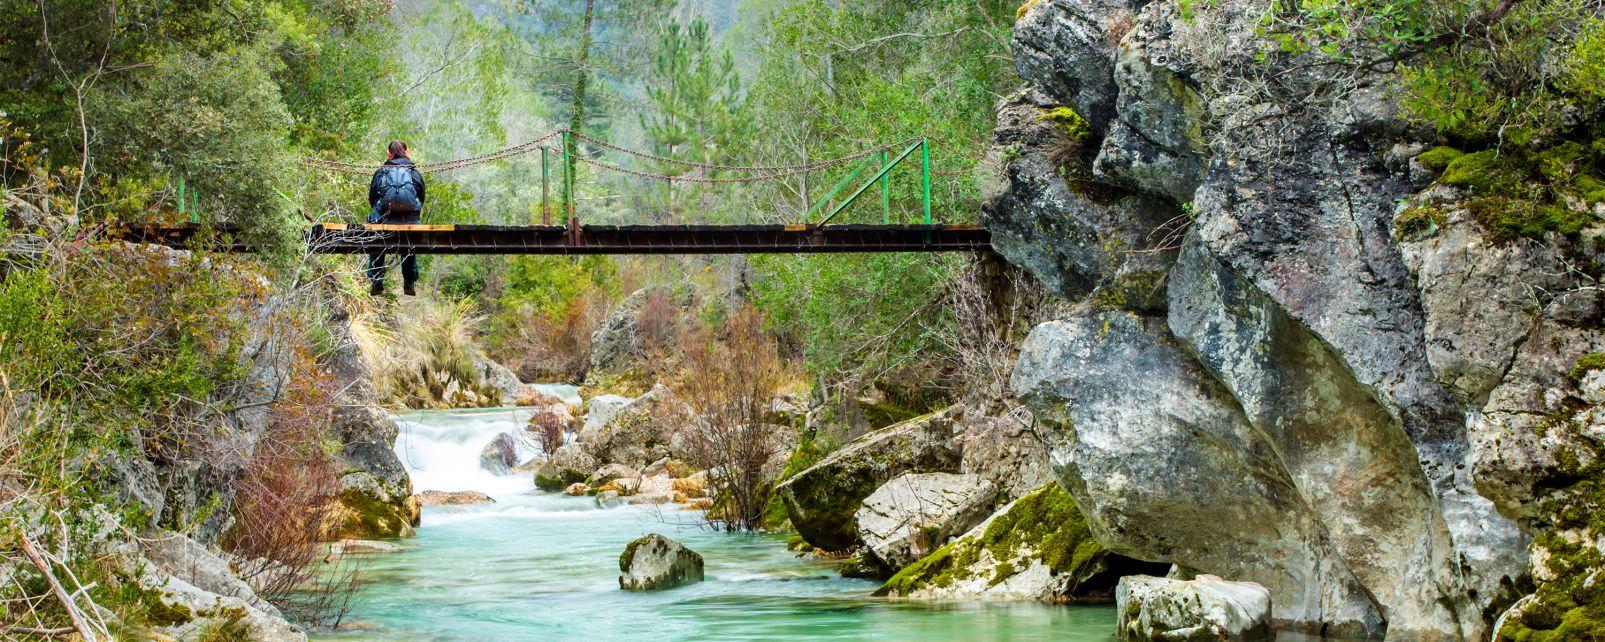 Parco naturale della Sierra de Cazorla, La fauna e la flora, Andalusia